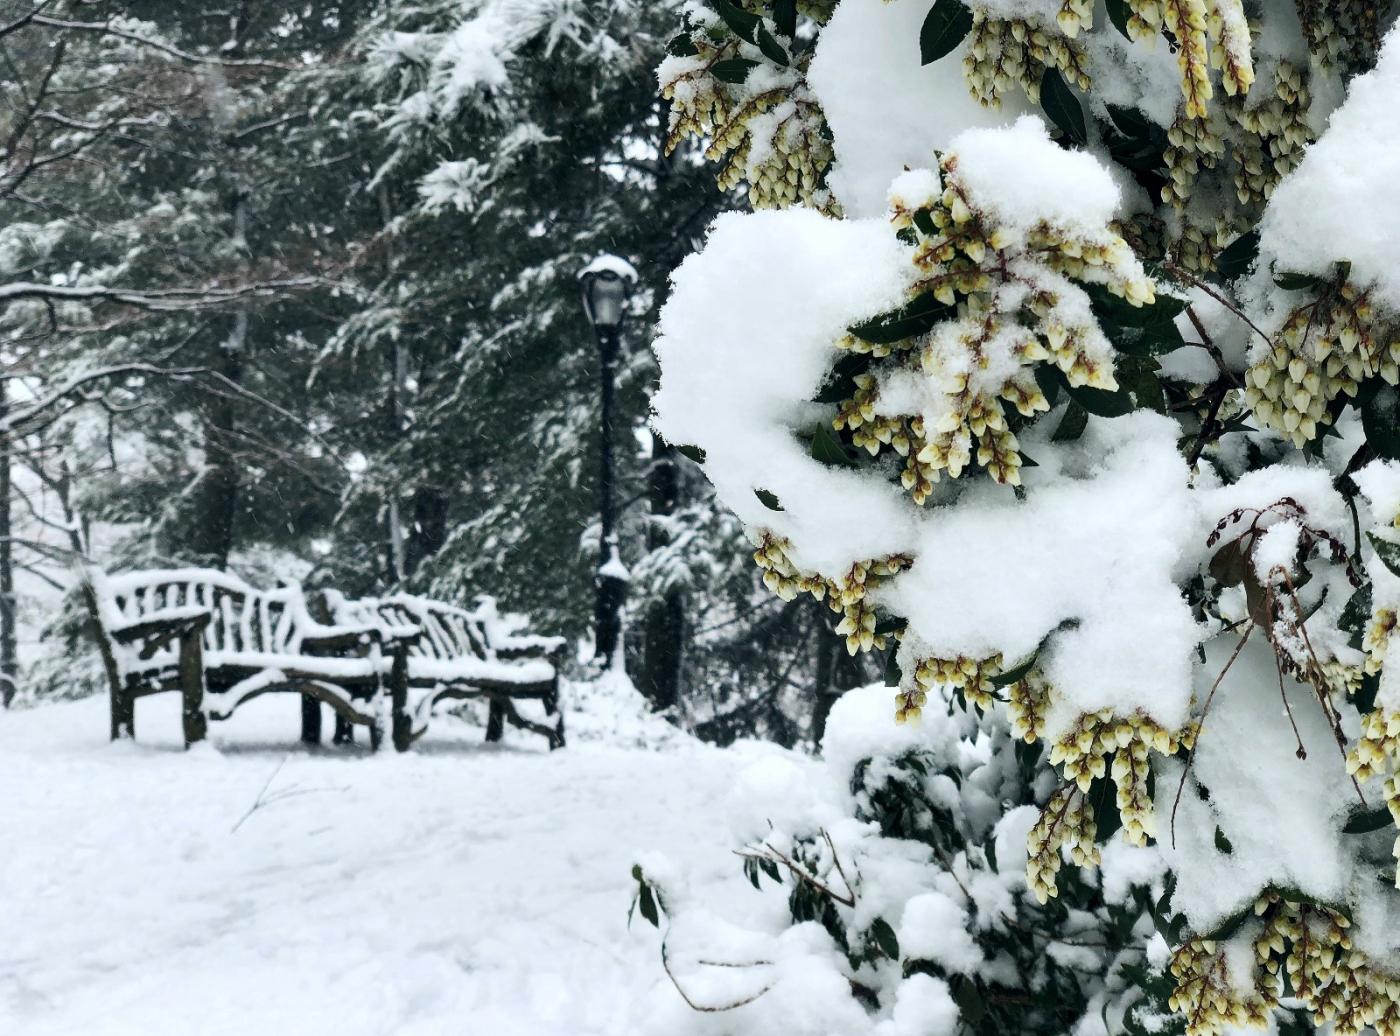 【田螺手机摄影】在纽约市拍雪景、还是中央公园最漂亮_图1-28